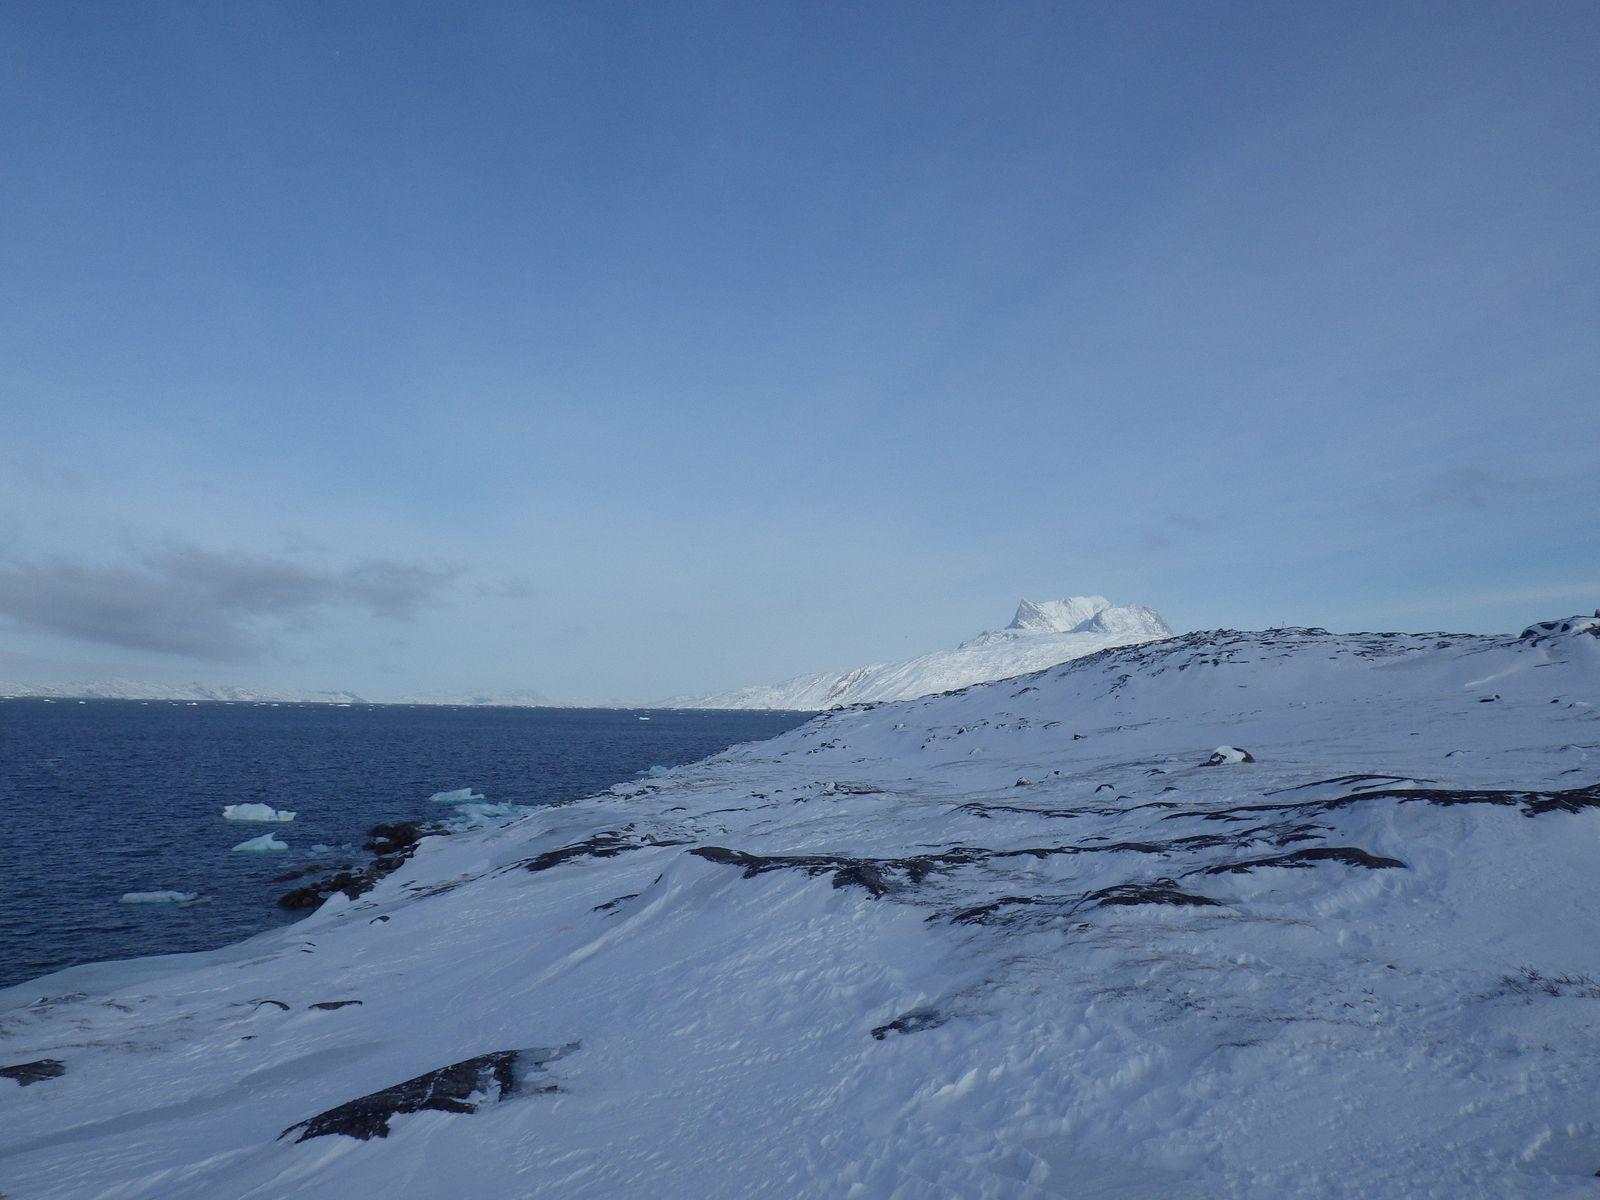 2013-02-20-1635_-_sermitsiaq